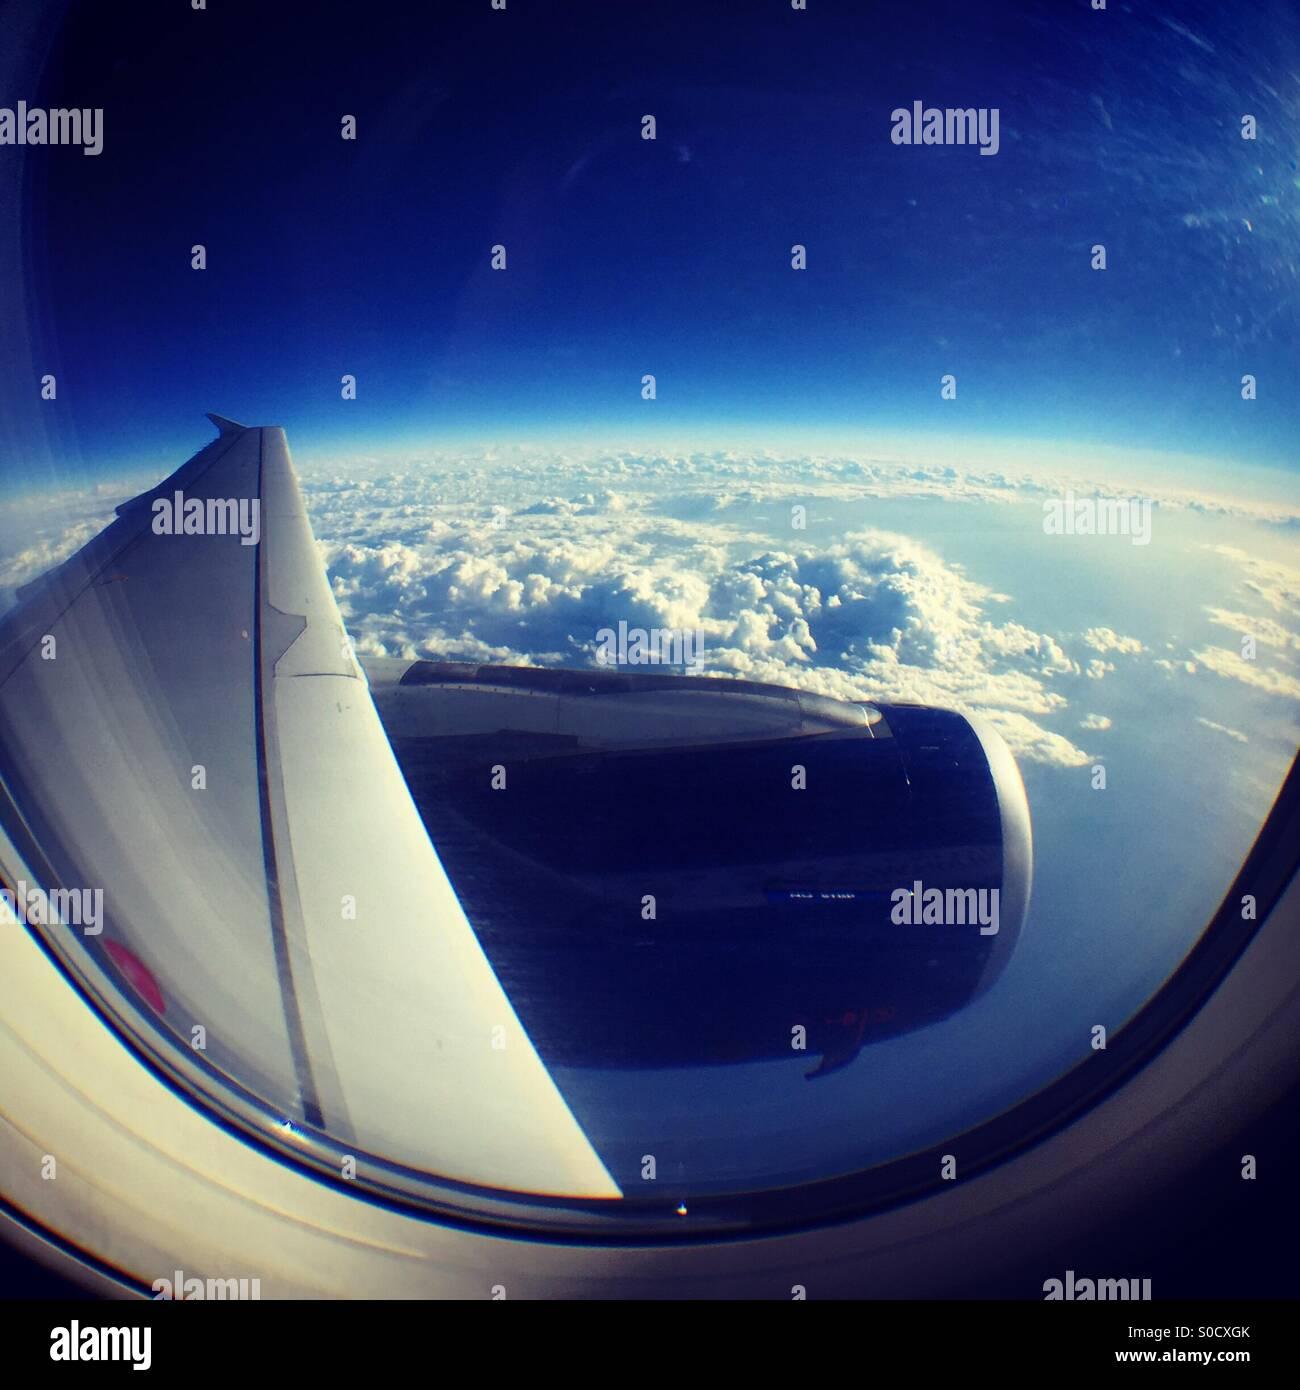 Donnant sur l'aile d'un avion à la courbure de la terre. Photo Stock